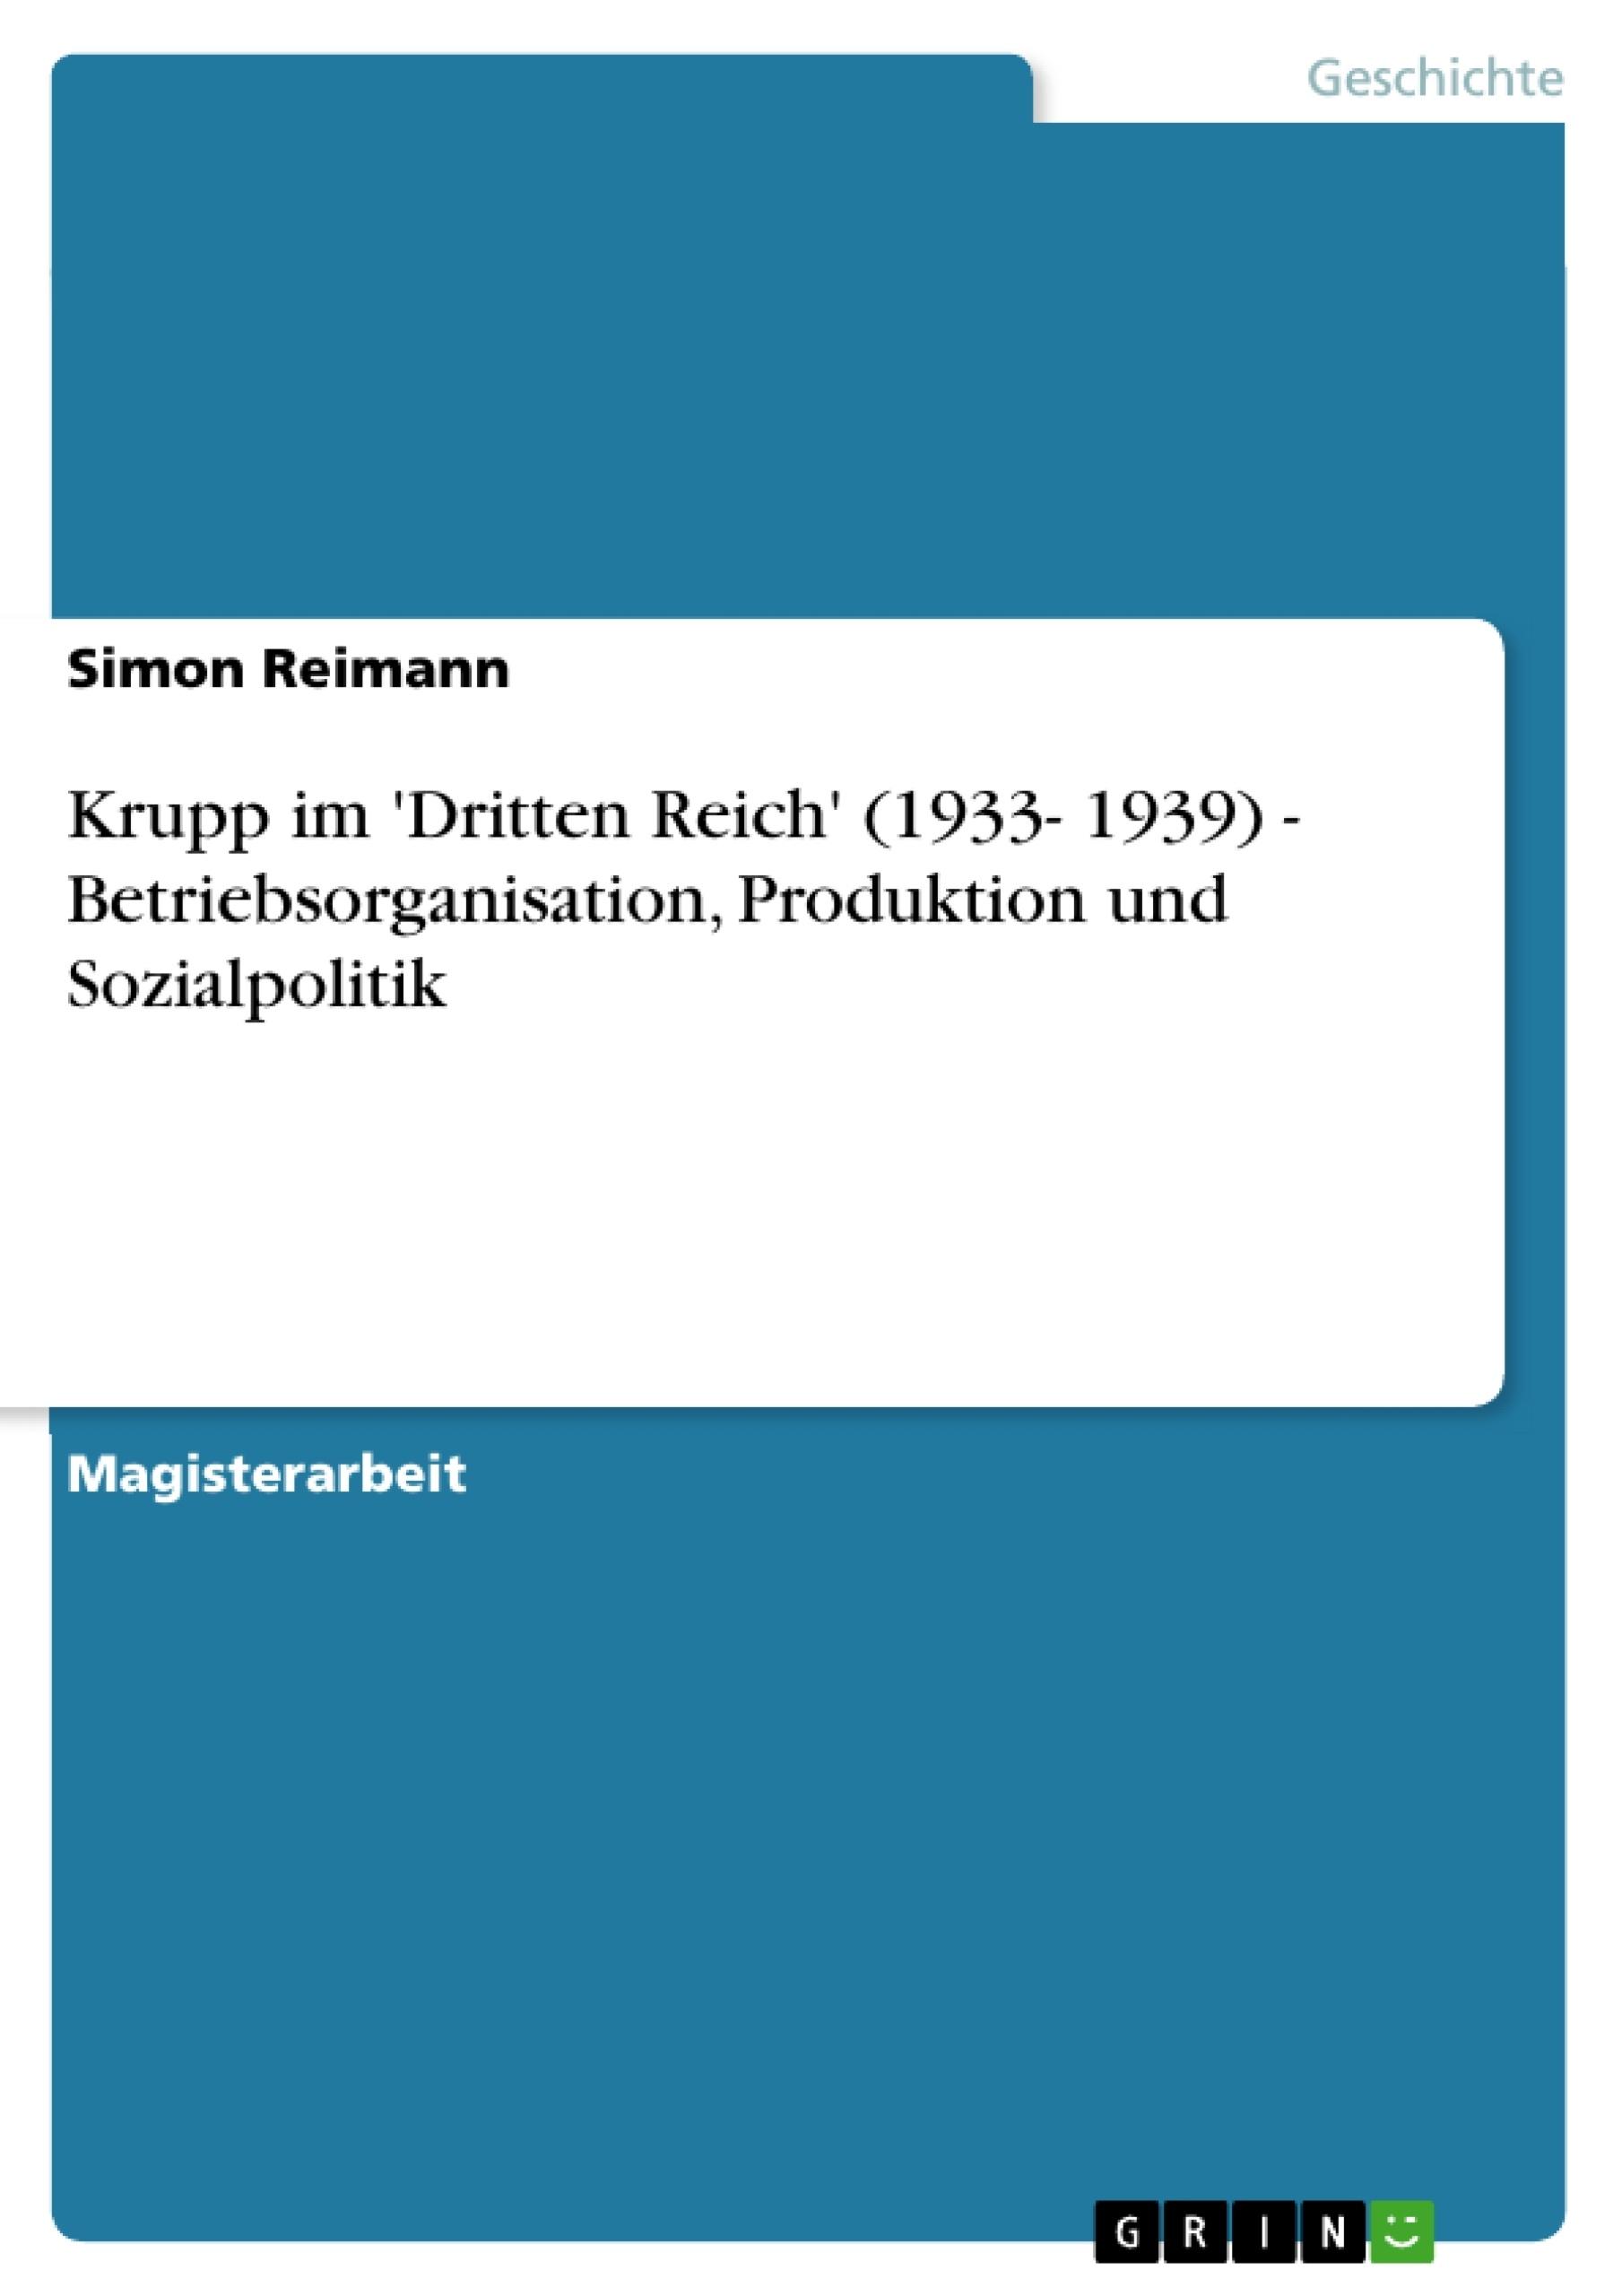 Titel: Krupp im 'Dritten Reich'  (1933- 1939) - Betriebsorganisation, Produktion und Sozialpolitik